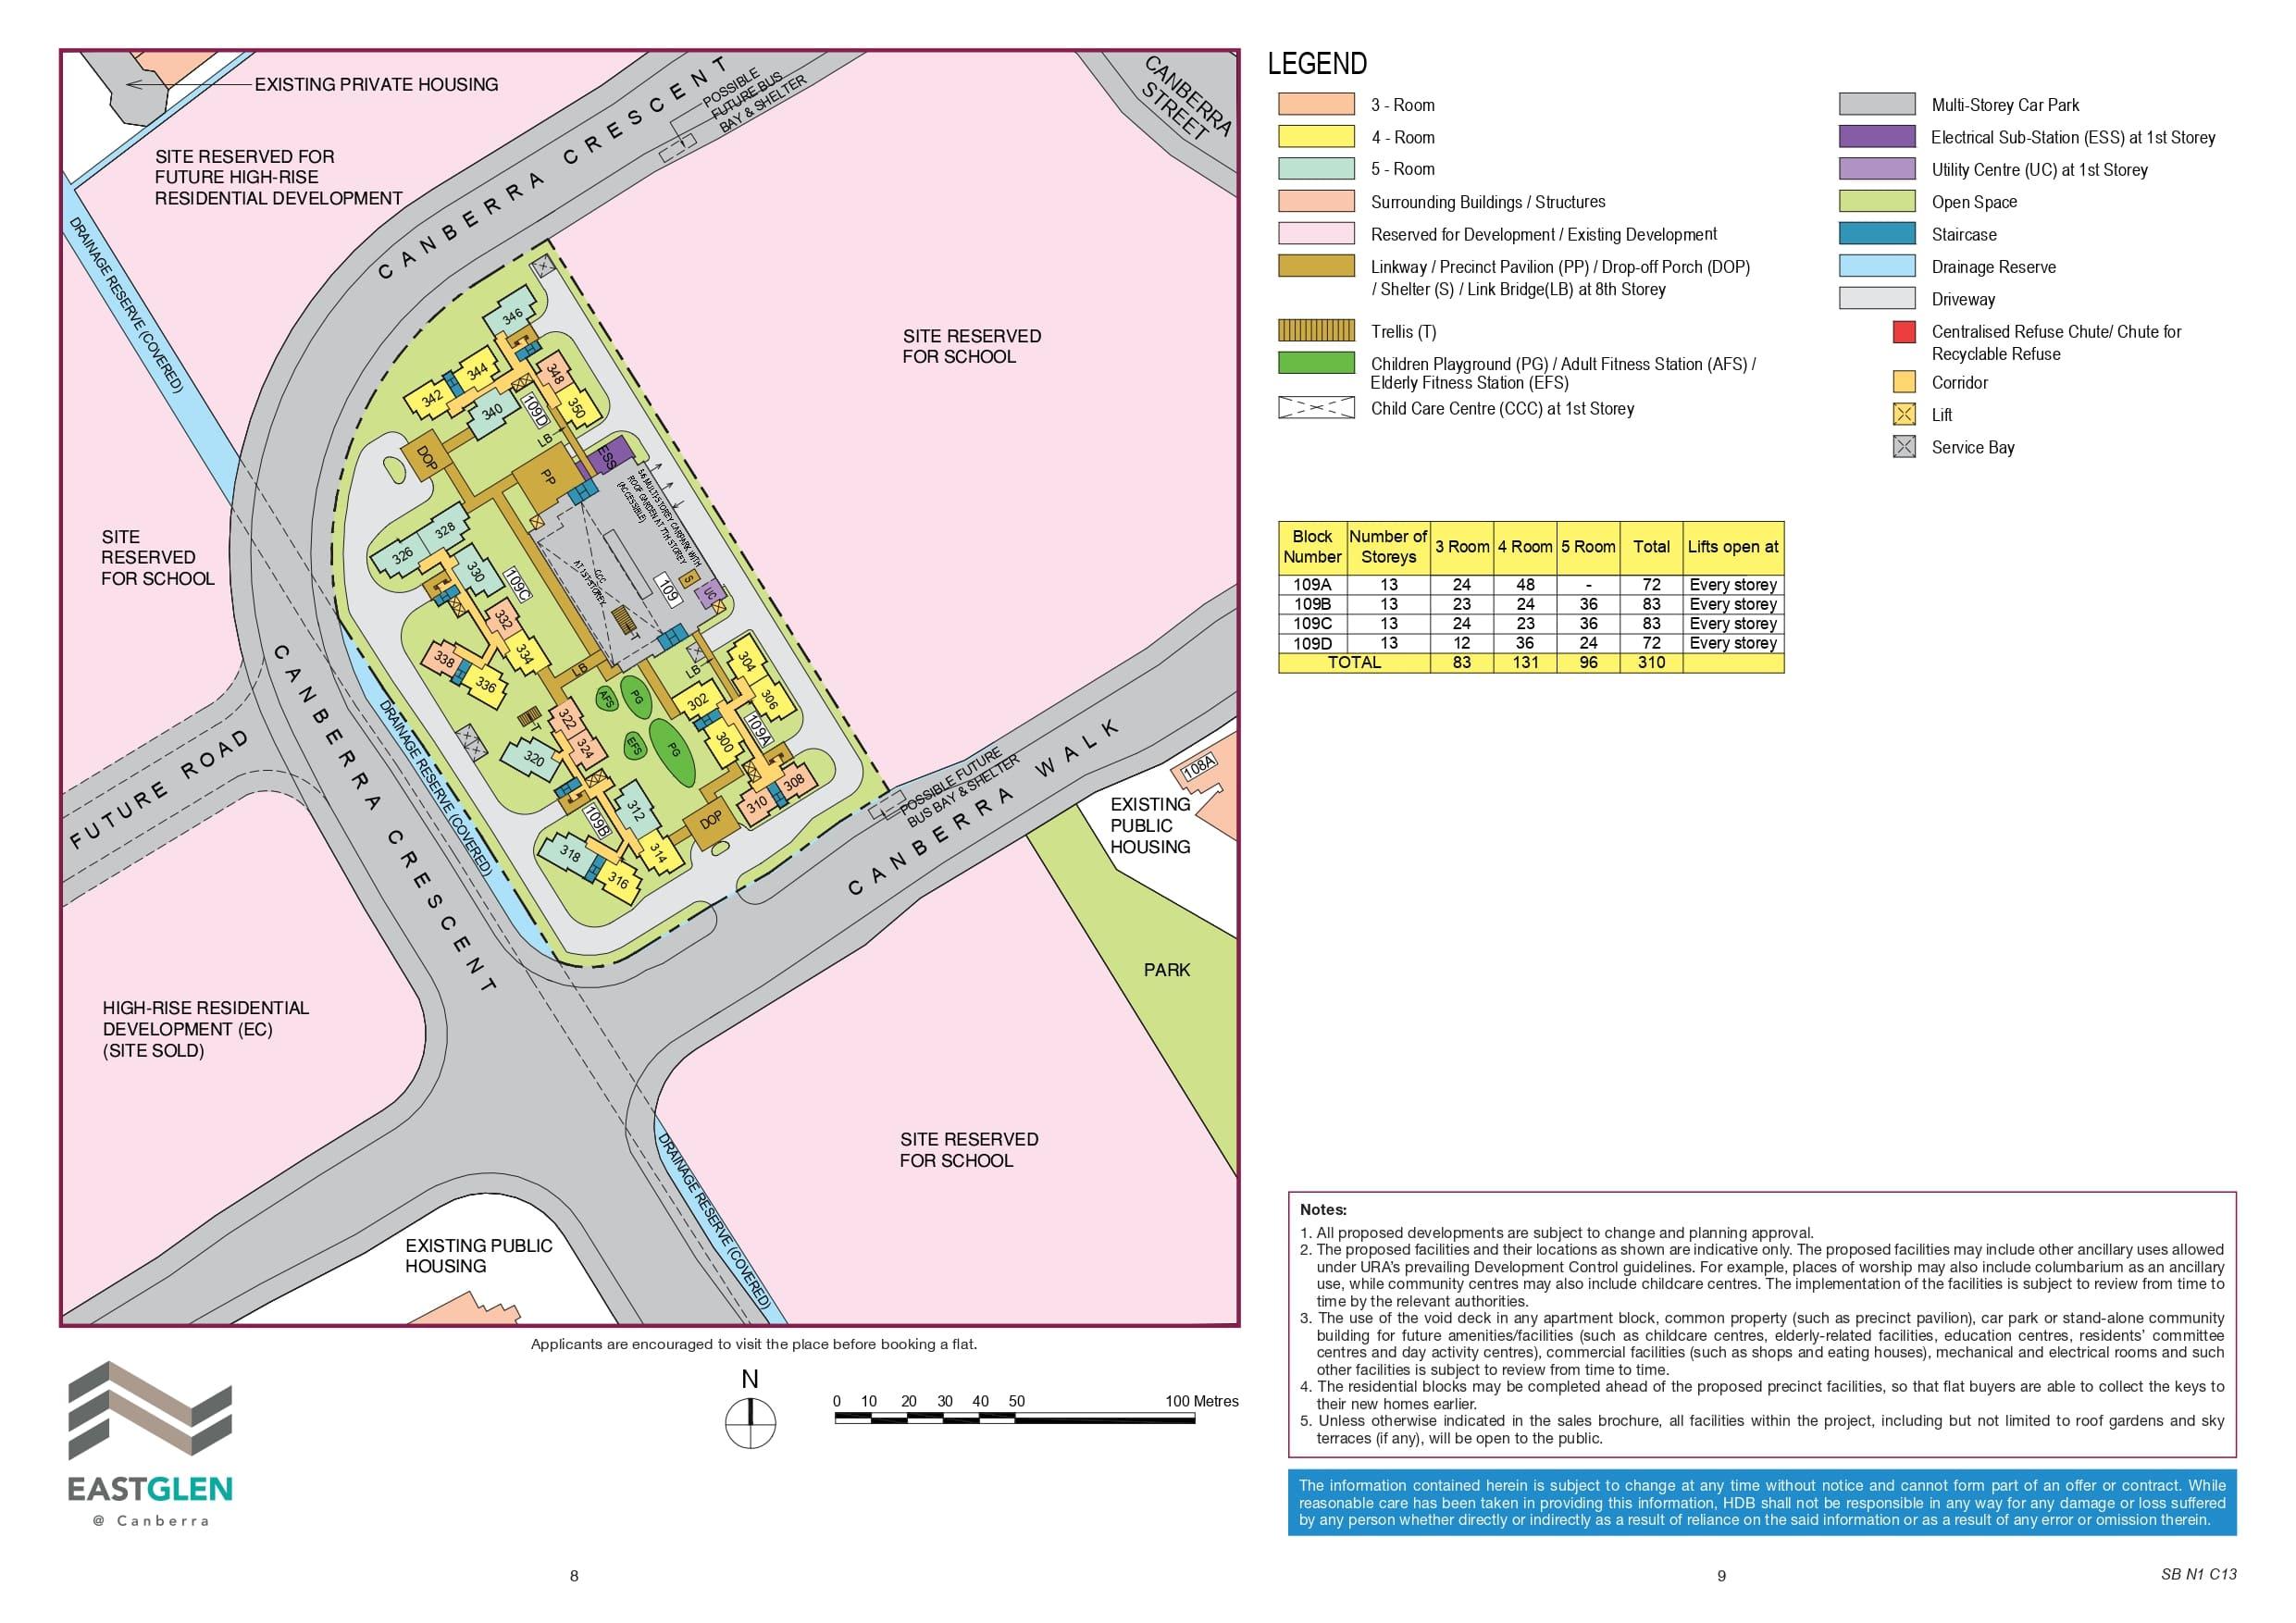 EastGlen @ Canberra Site Plan